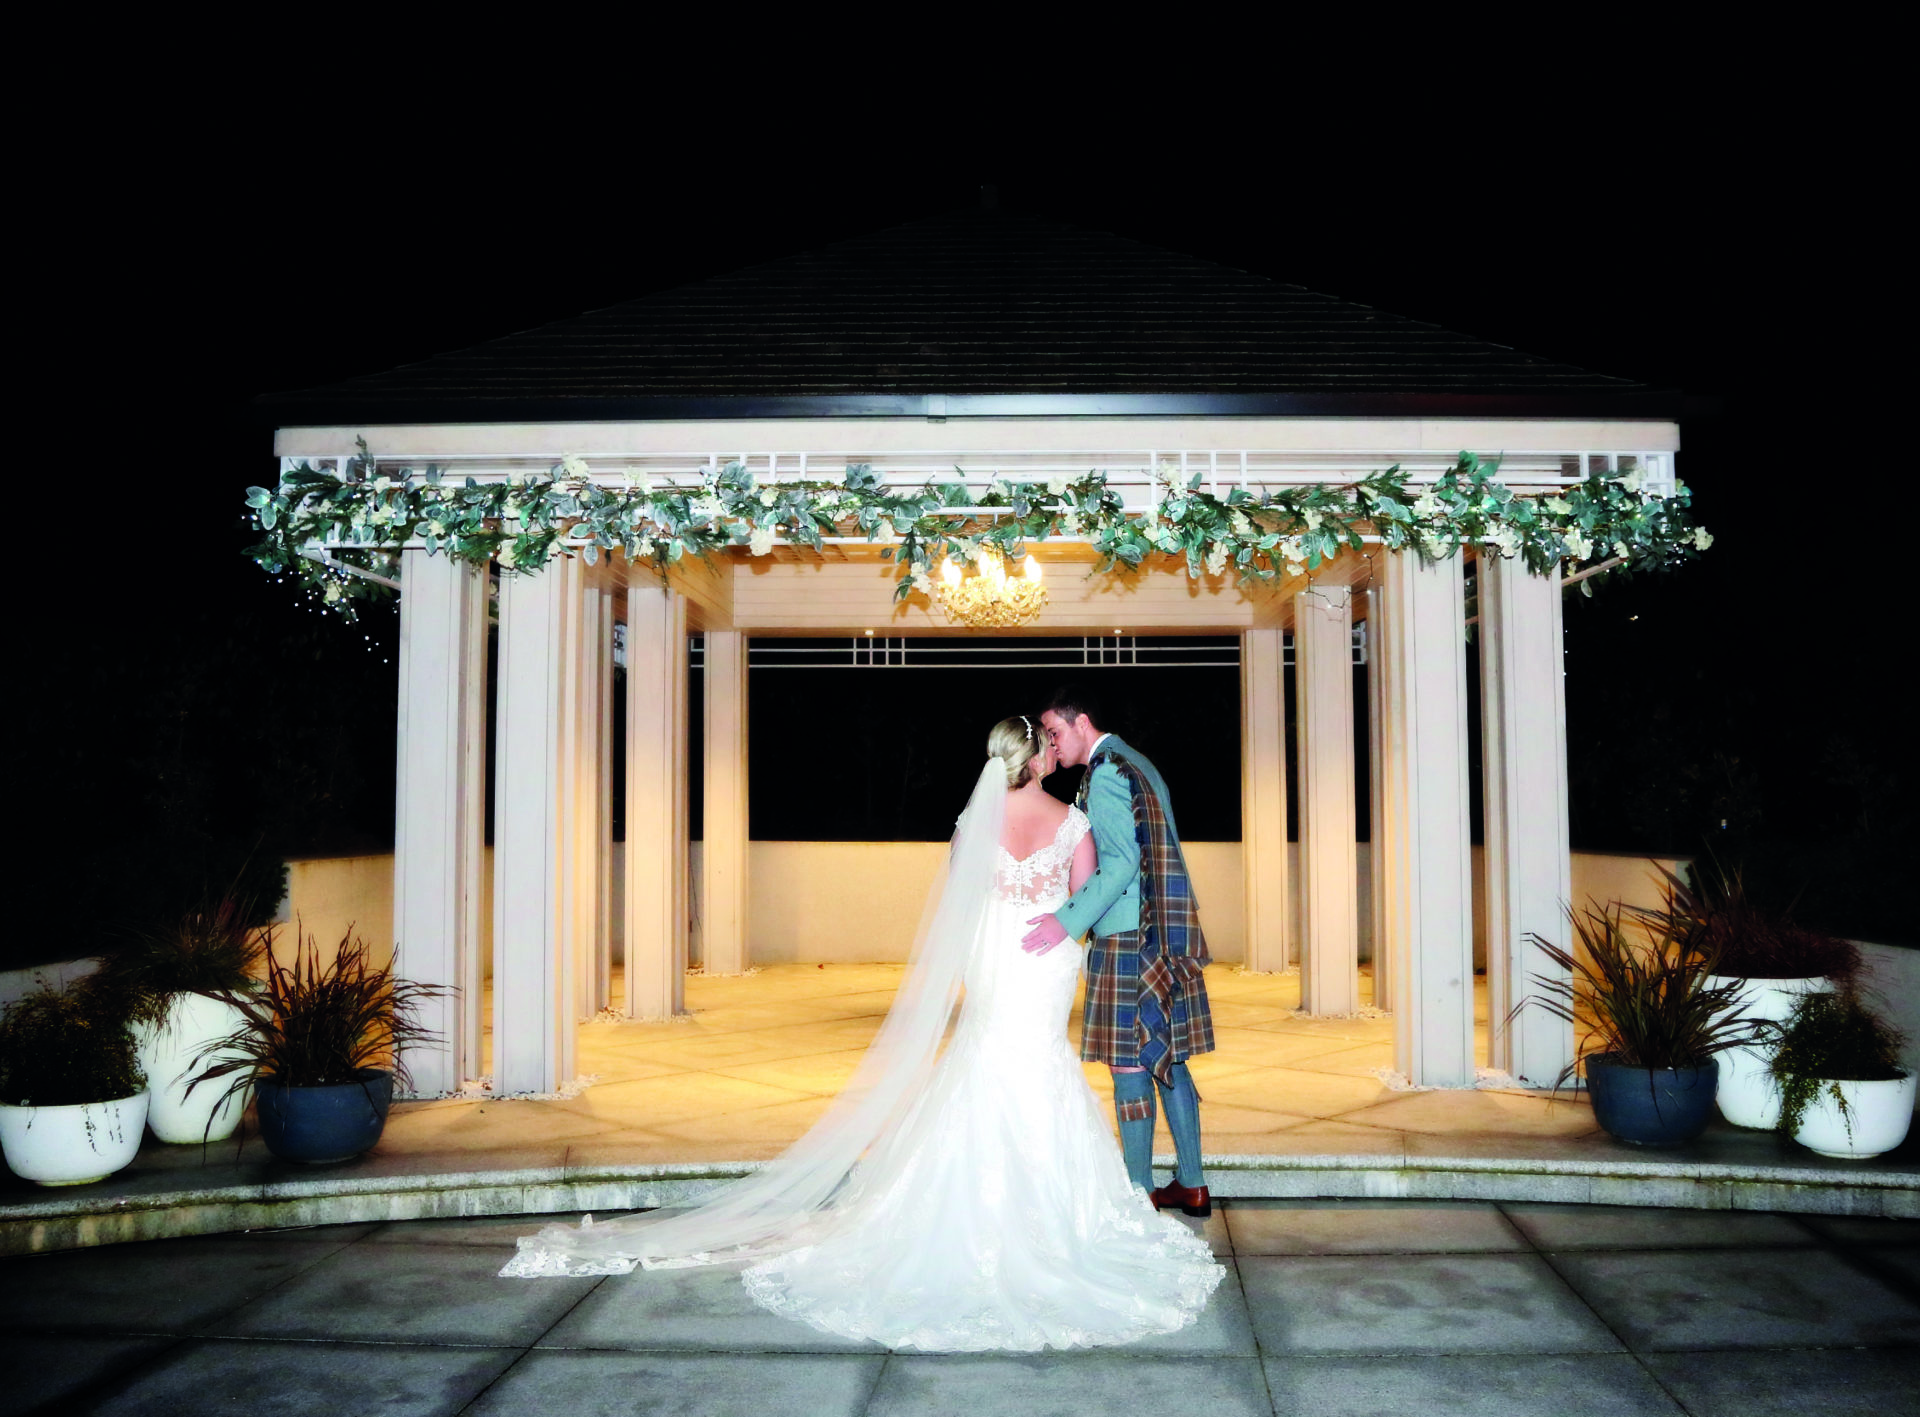 Radstone Hotel Lanarkshire Wedding Venue